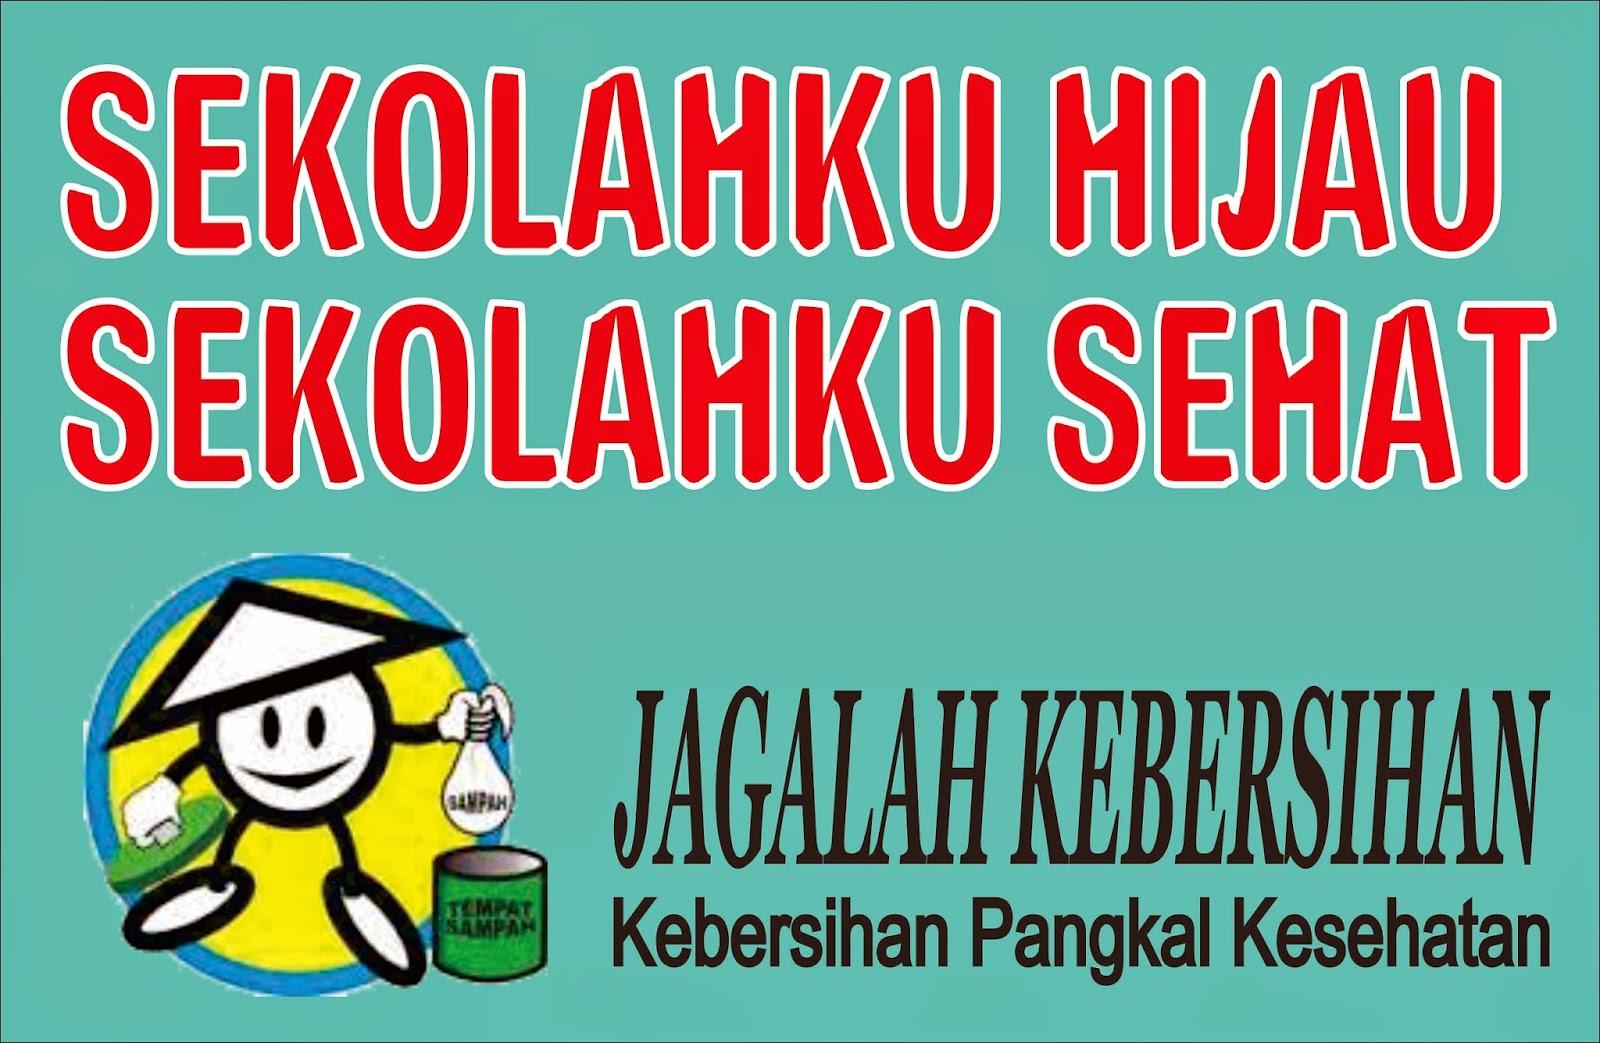 Jadwal Indonesia